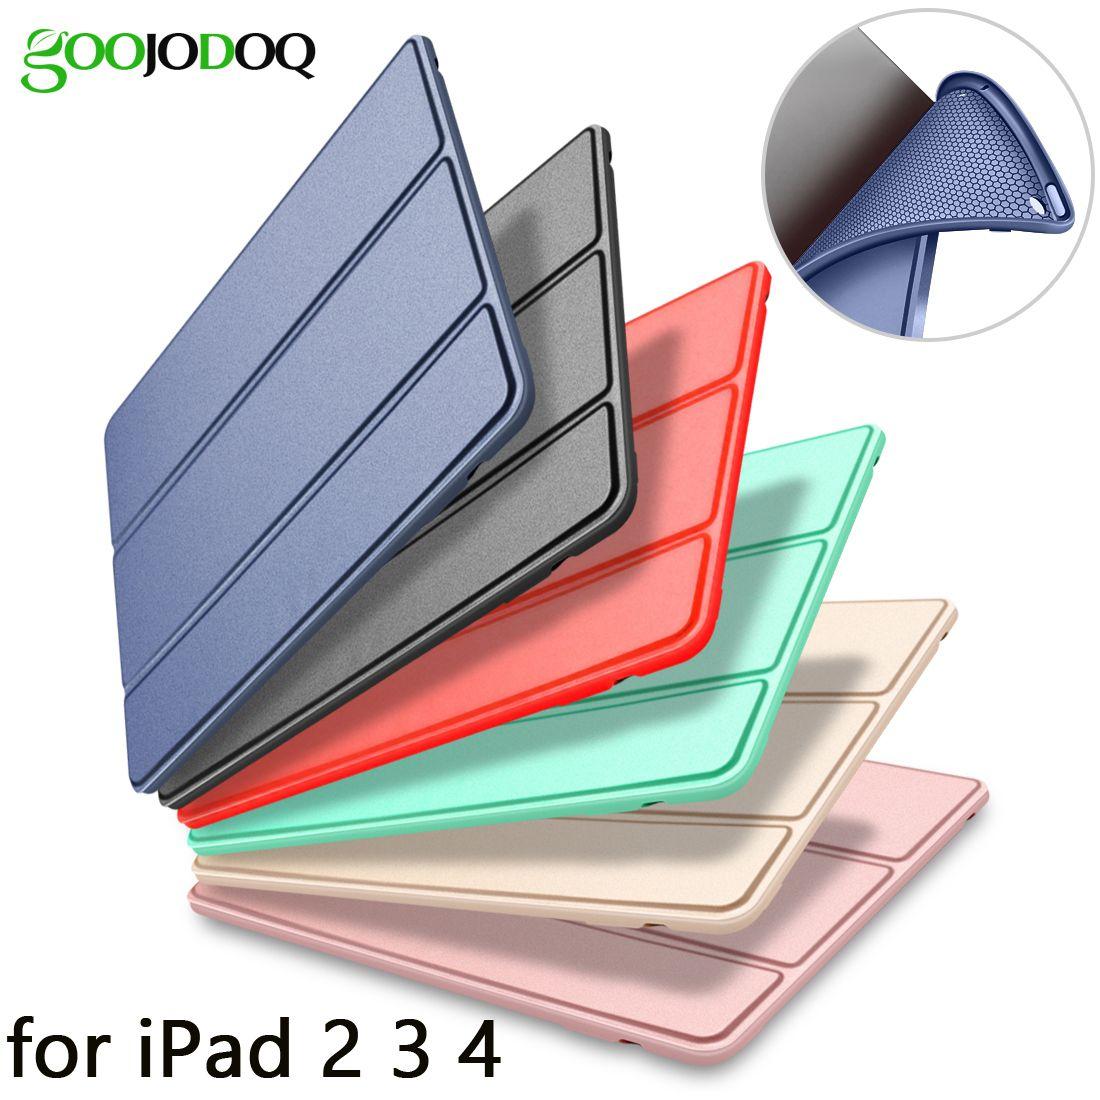 Étui pour ipad 2 3 4 Cas Silicone Souple Retour Folio Stand avec Mise en Veille Automatique/Réveil PU Cuir étui intelligent pour iPad 3 4 2 Cas